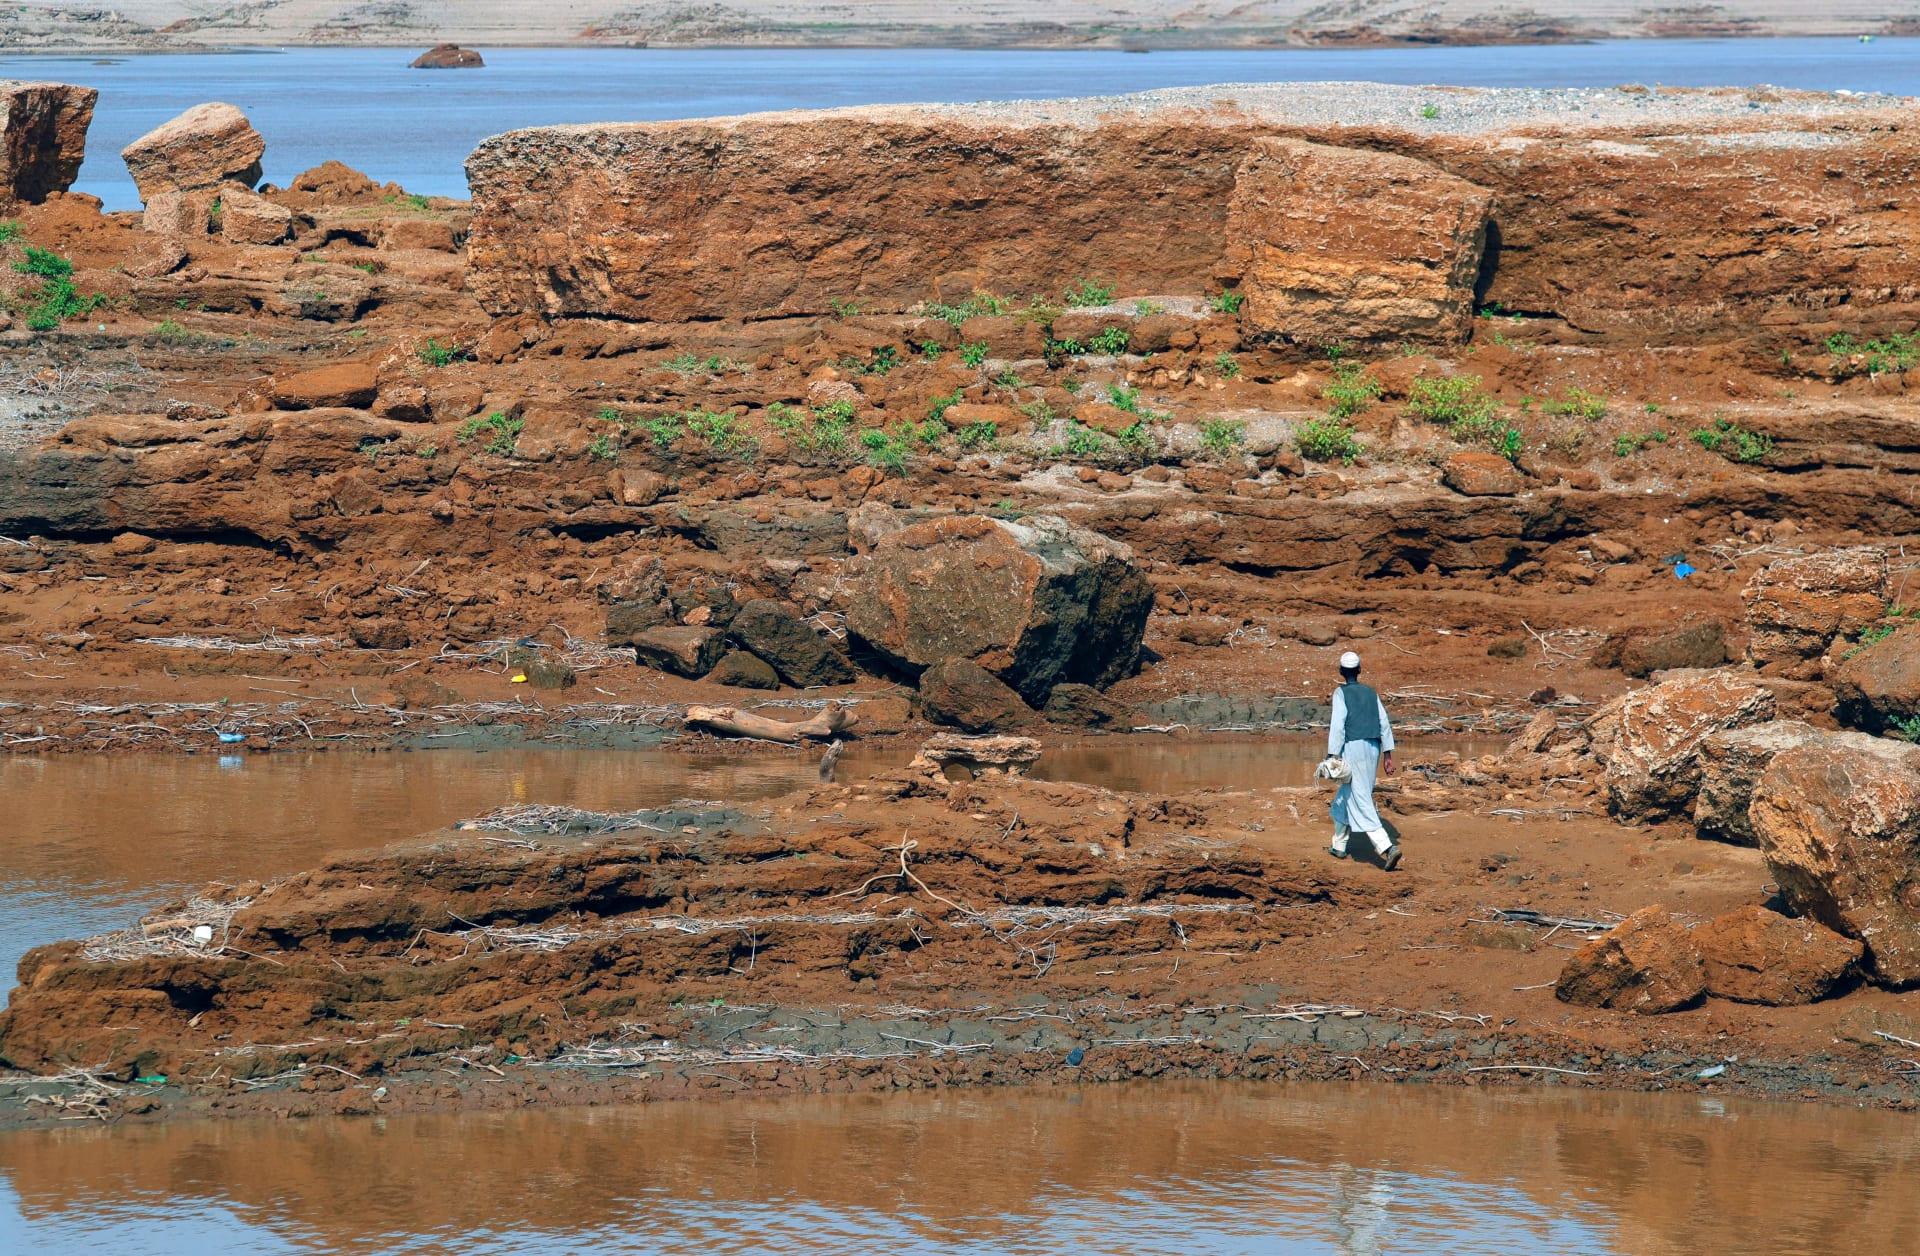 ئ من تيغرايين يسير على ضفاف نهر سيتيت المتاخم لإثيوبيا ، في واد الحليو ، قرية في ولاية كسلا بشرق السودان ، في 11 أغسطس 2021.